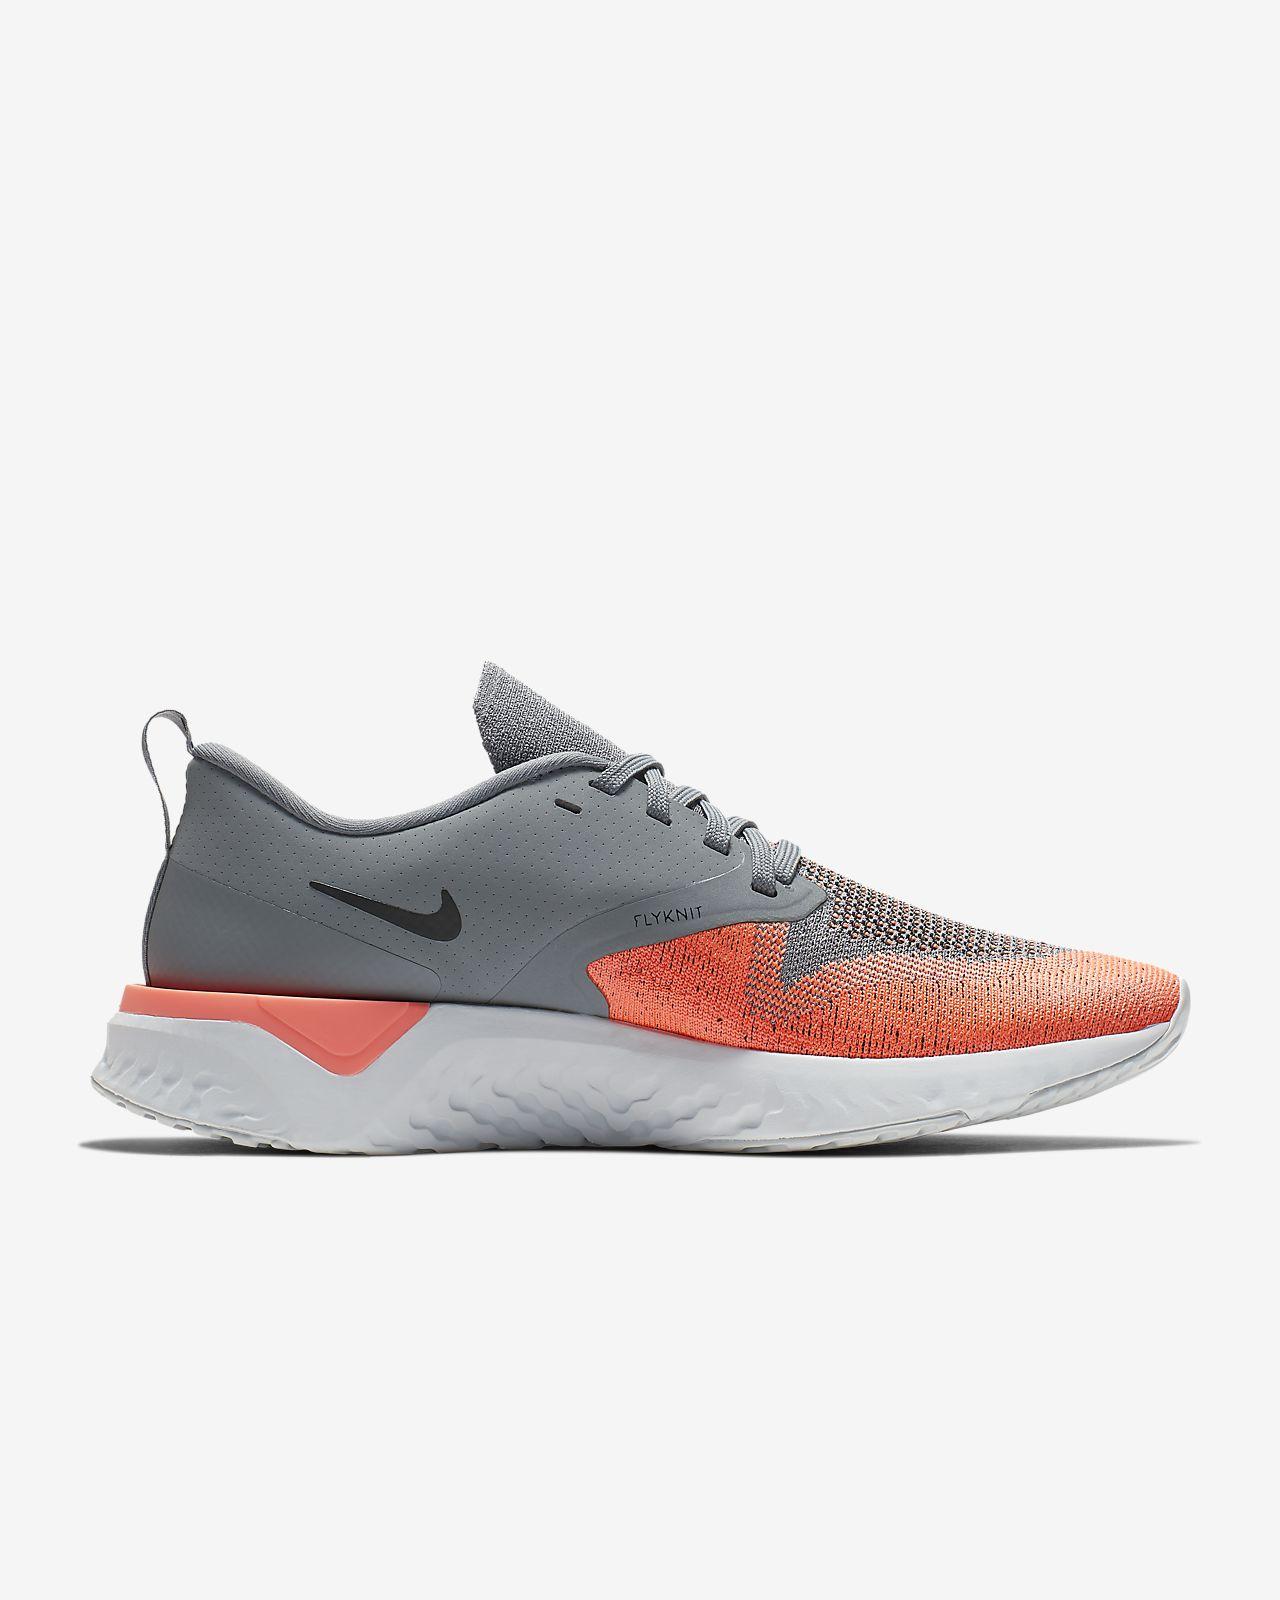 Chaussure de running Nike Odyssey React Flyknit 2 pour Femme